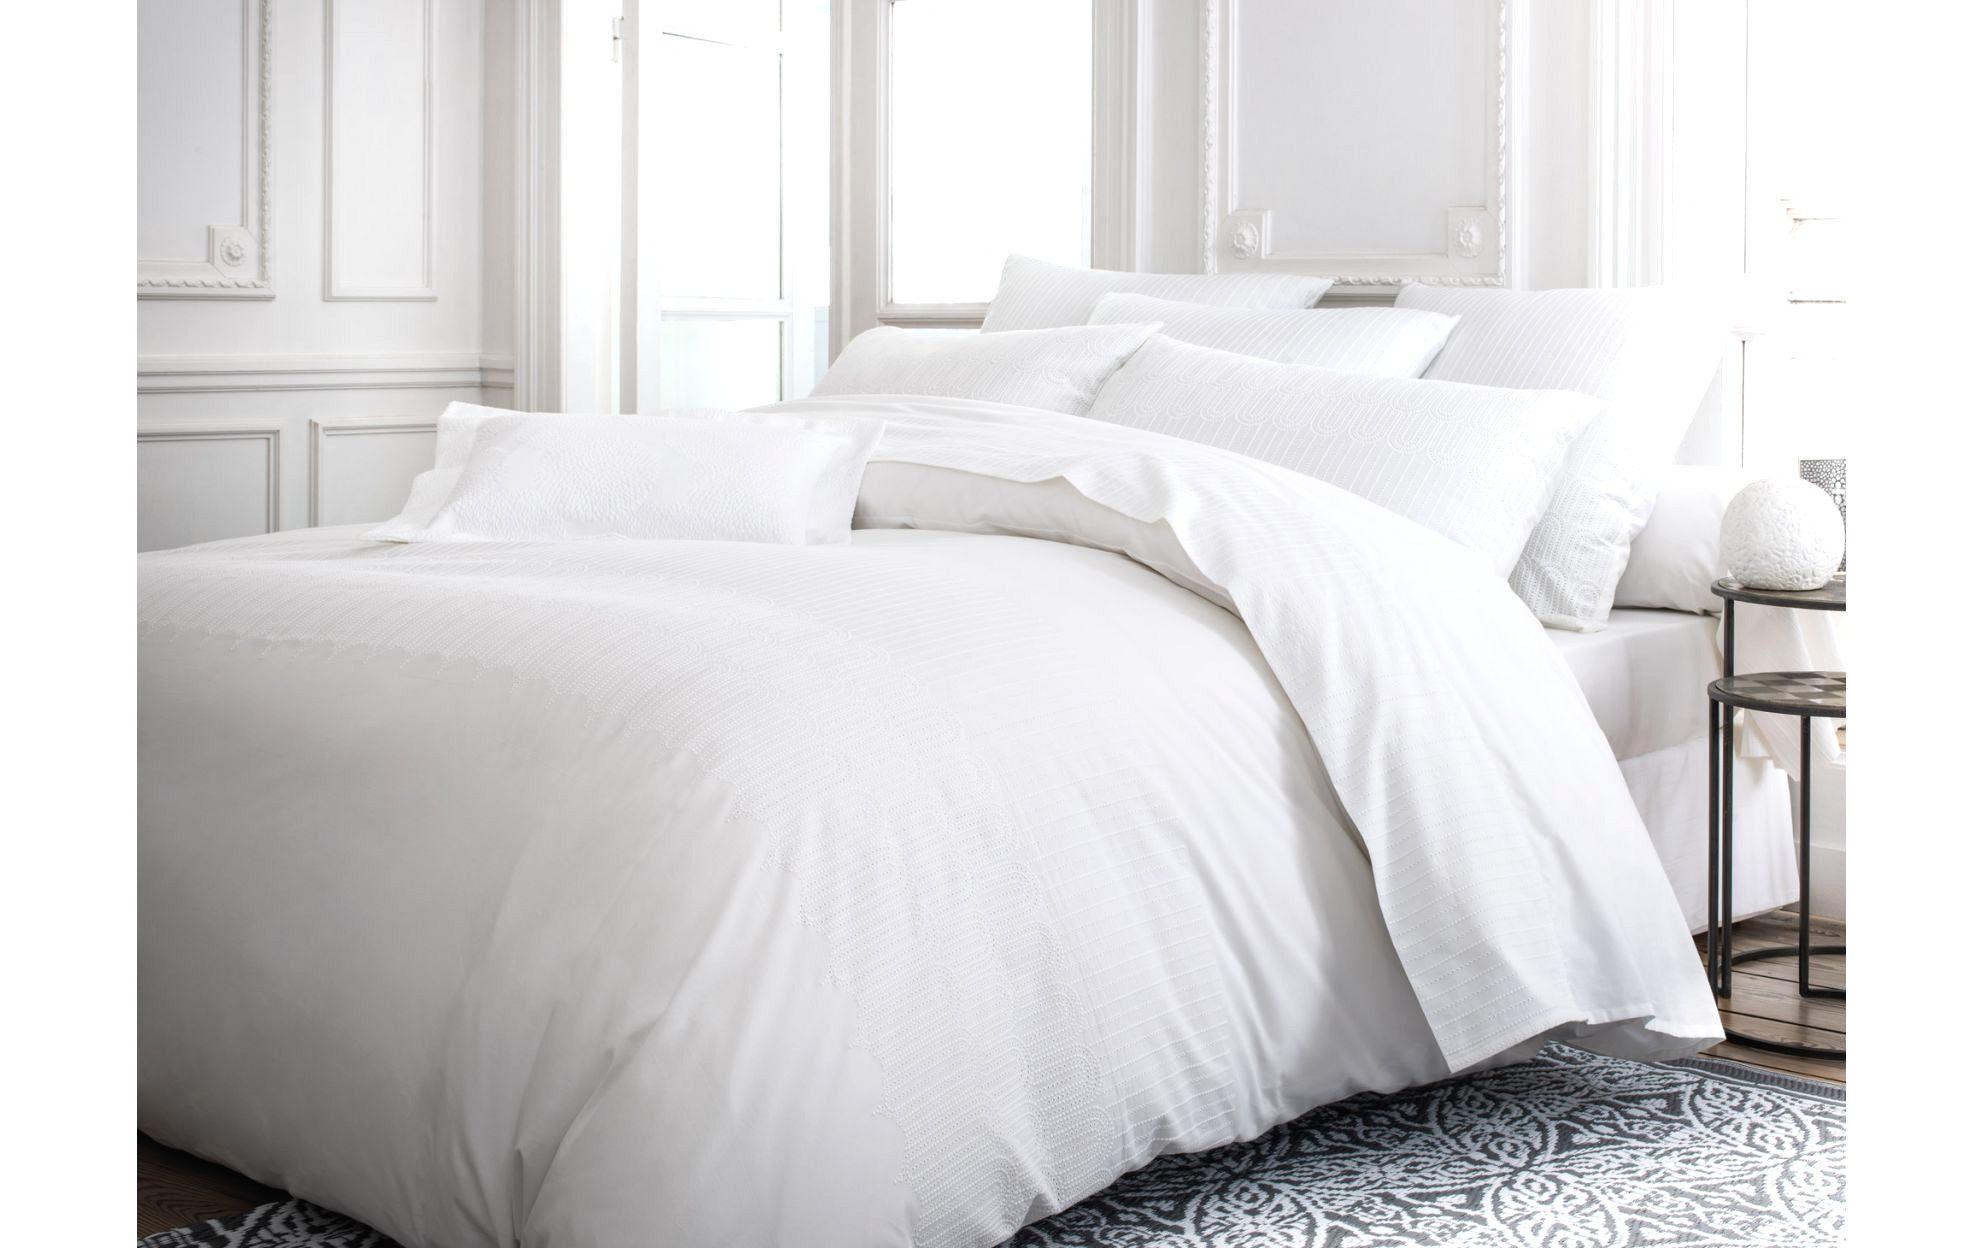 Linge De Lit En Lin Lavé Magnifique Ingenious Inspiration Carre Blanc Linge De Maison 44 Avec Valuable